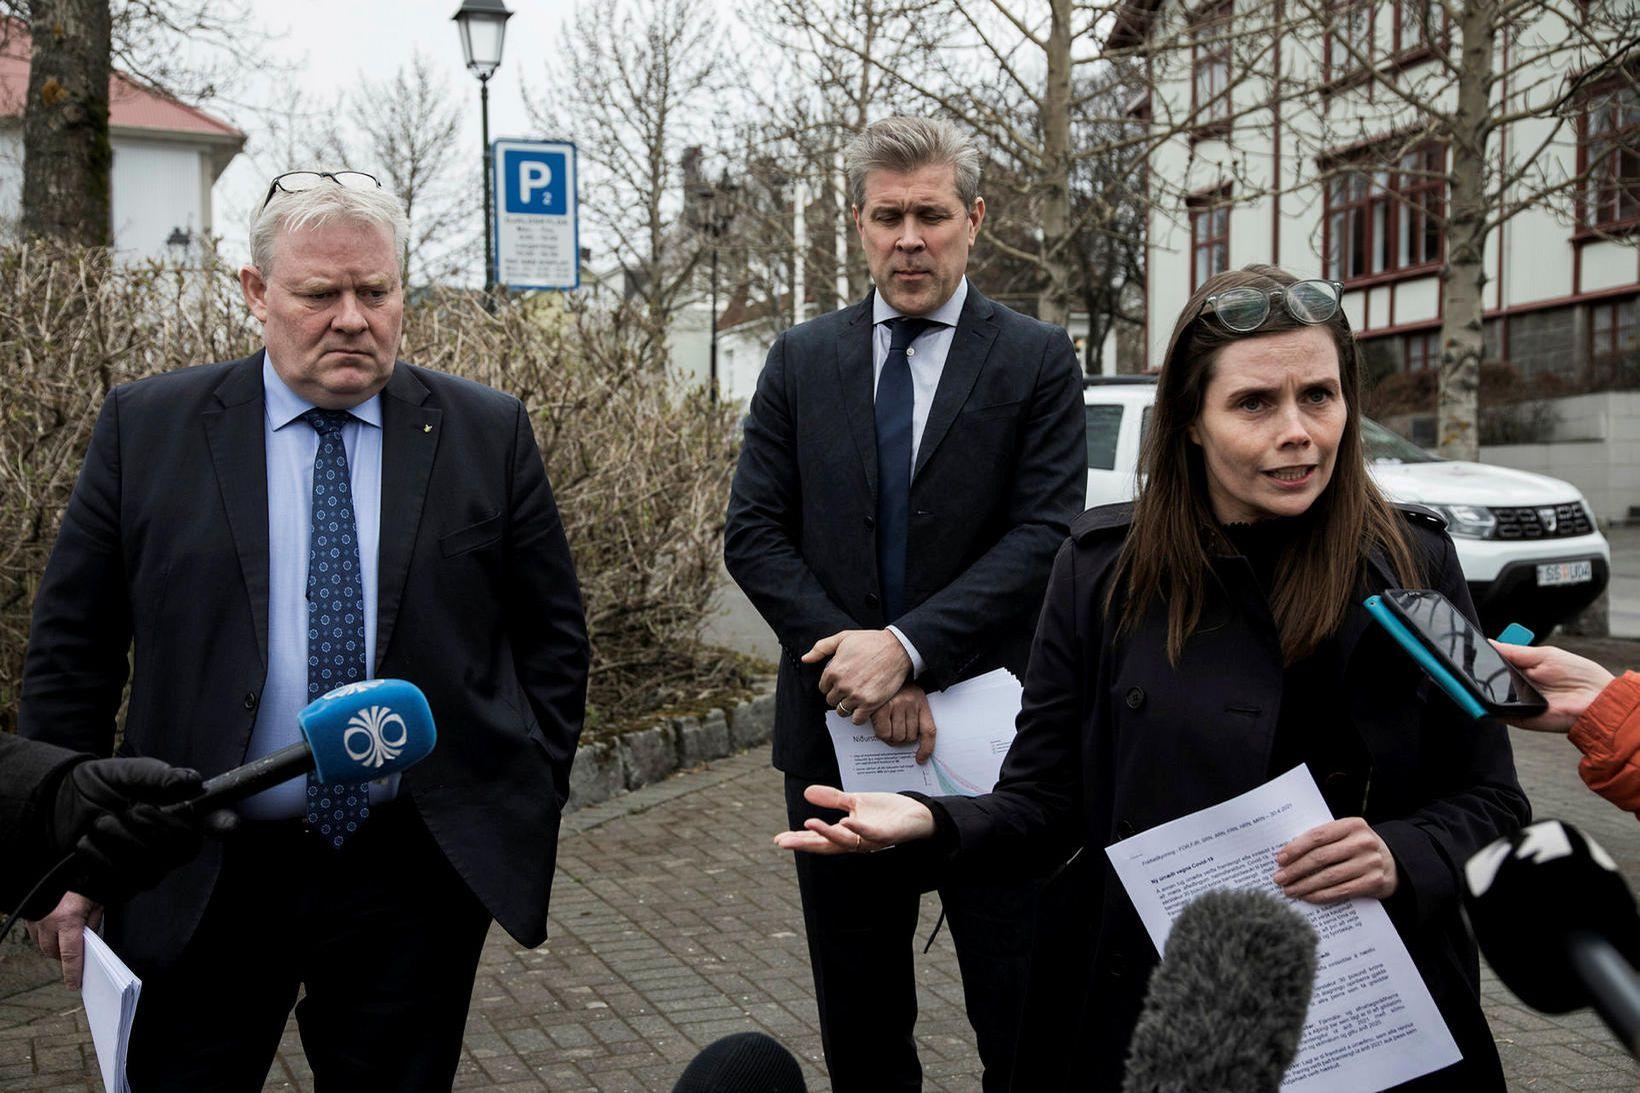 Flokksformennirnir Sigurður Ingi Jóhannsson, Bjarni Benediktsson og Katrín Jakobsdóttir.